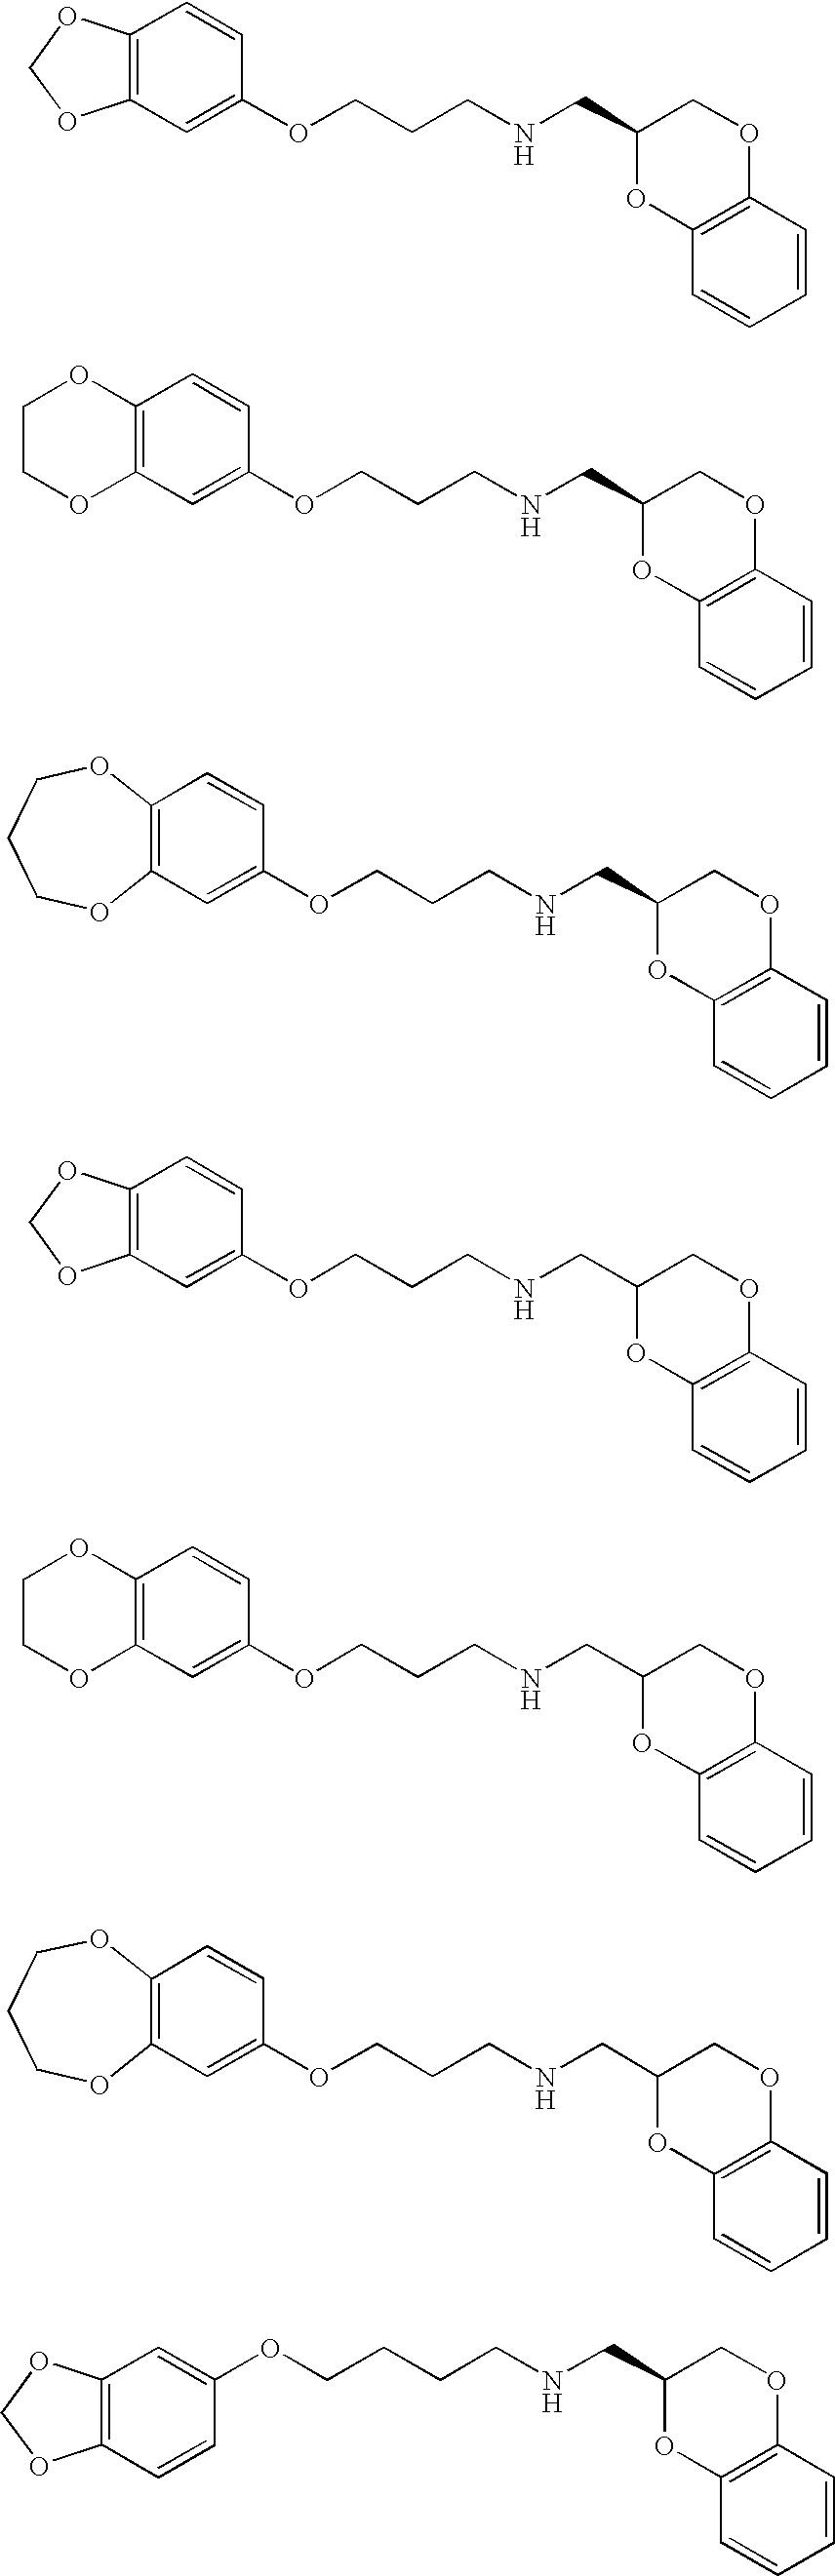 Figure US20100009983A1-20100114-C00259